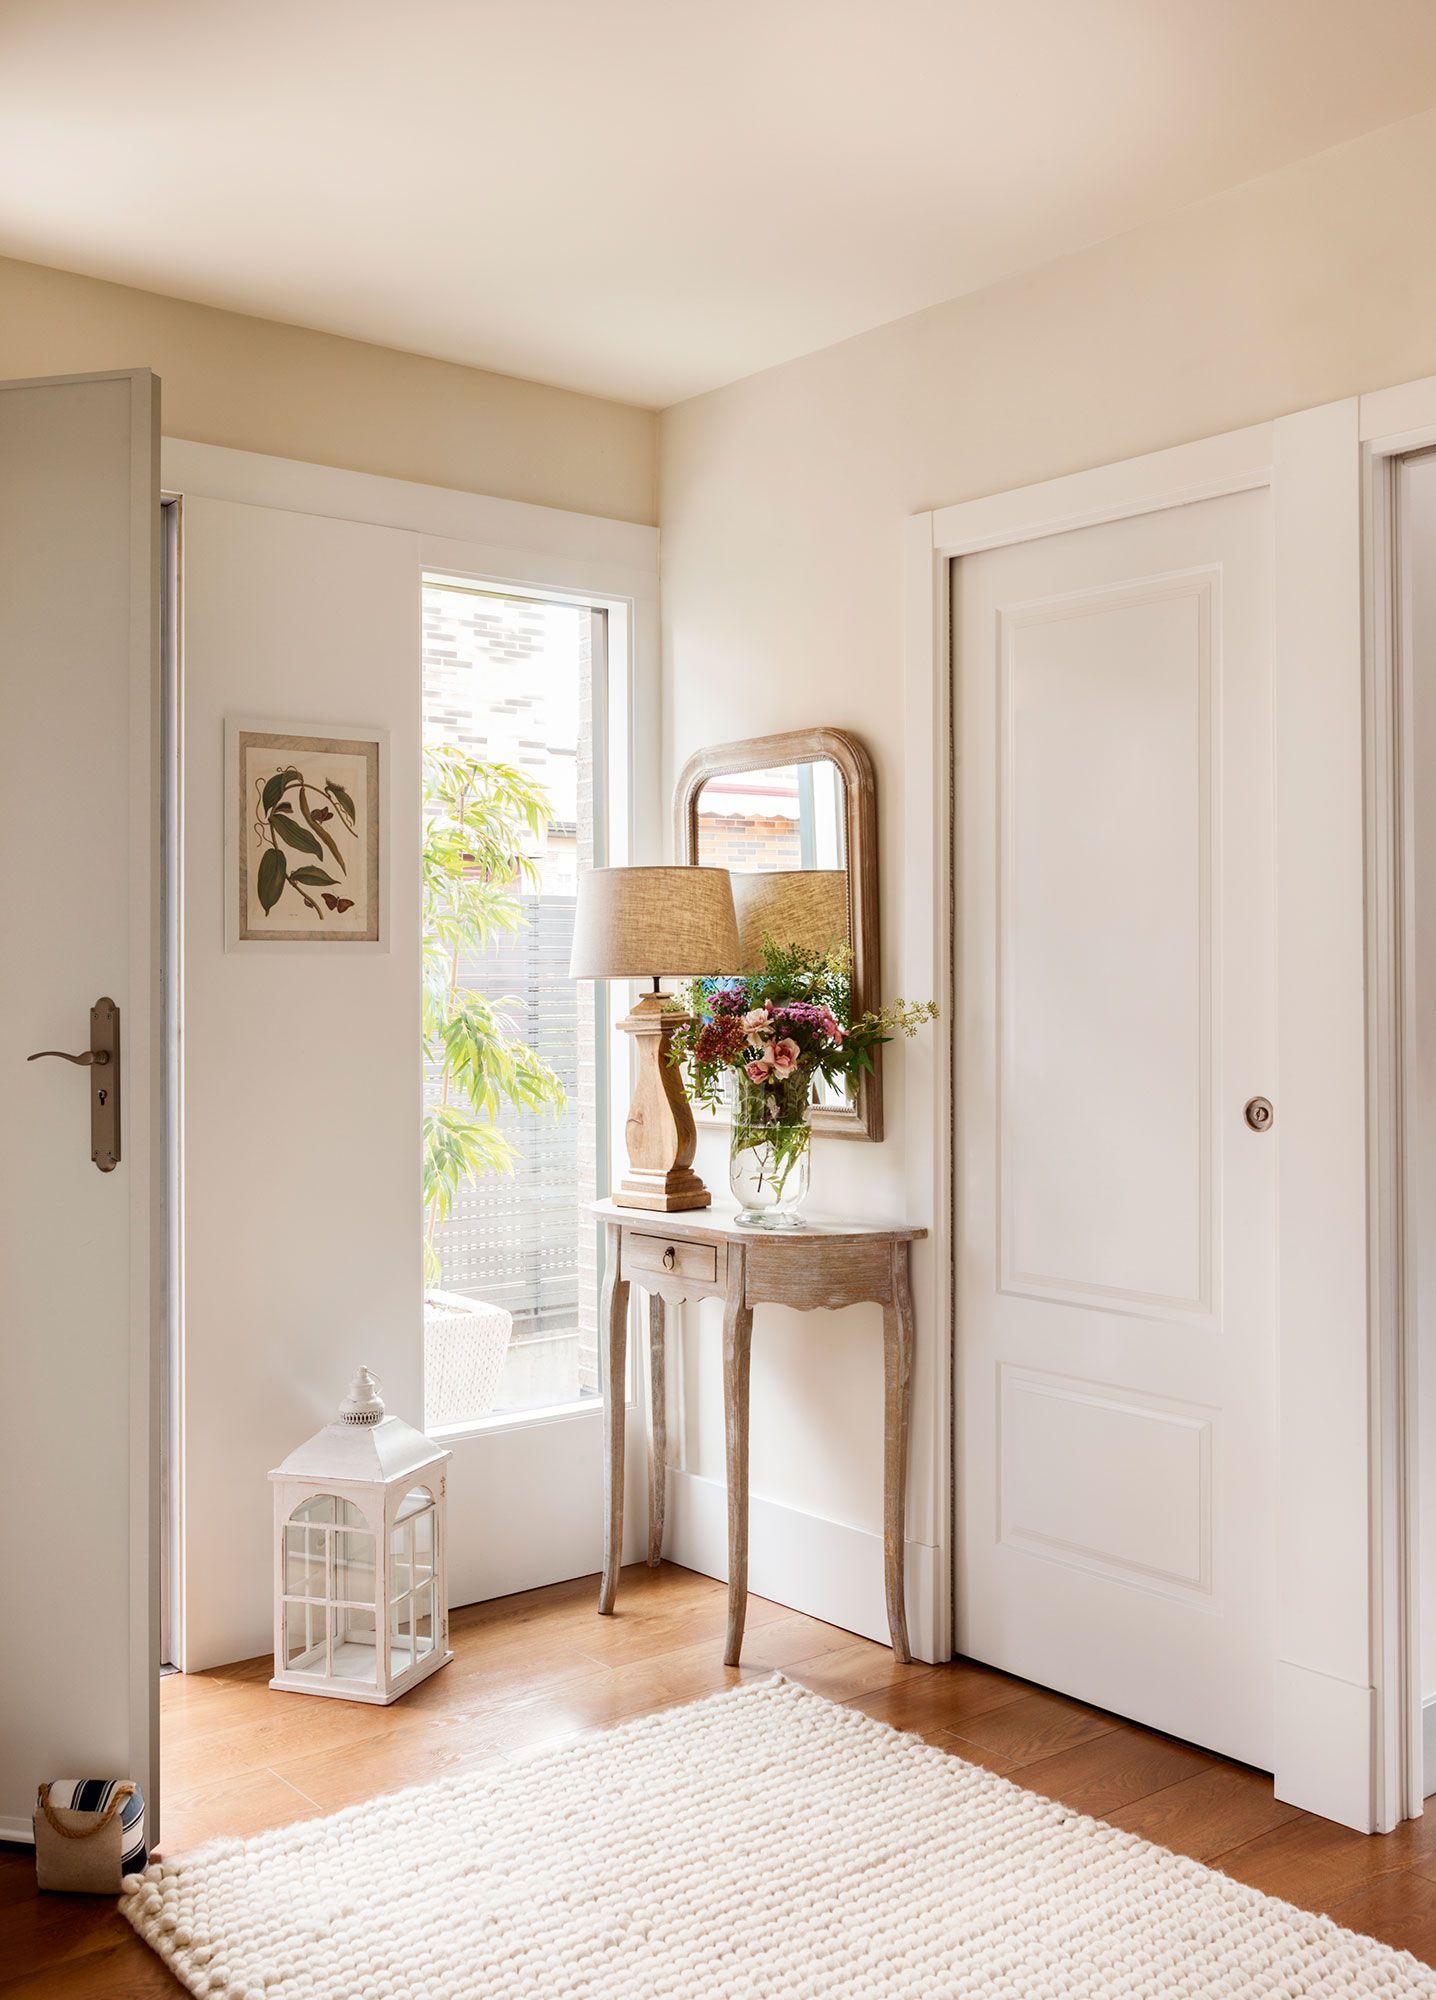 Recibidores y pasillos buenas ideas para decorarlos y for Entradas de casa ikea